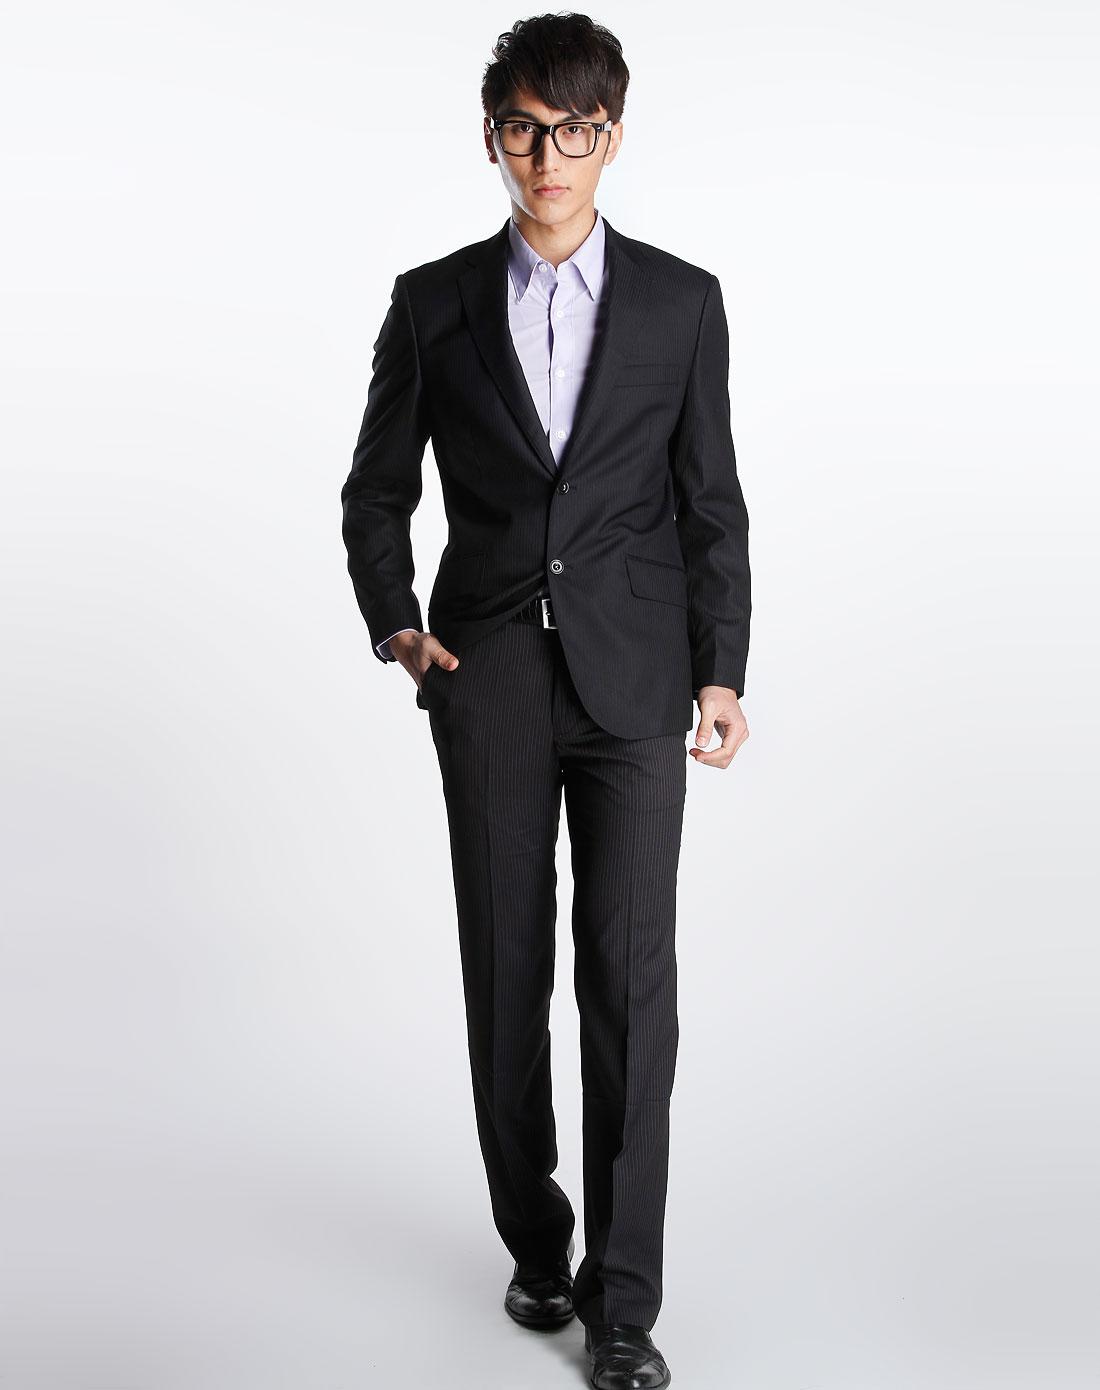 黑/中灰色竖条纹长袖西装